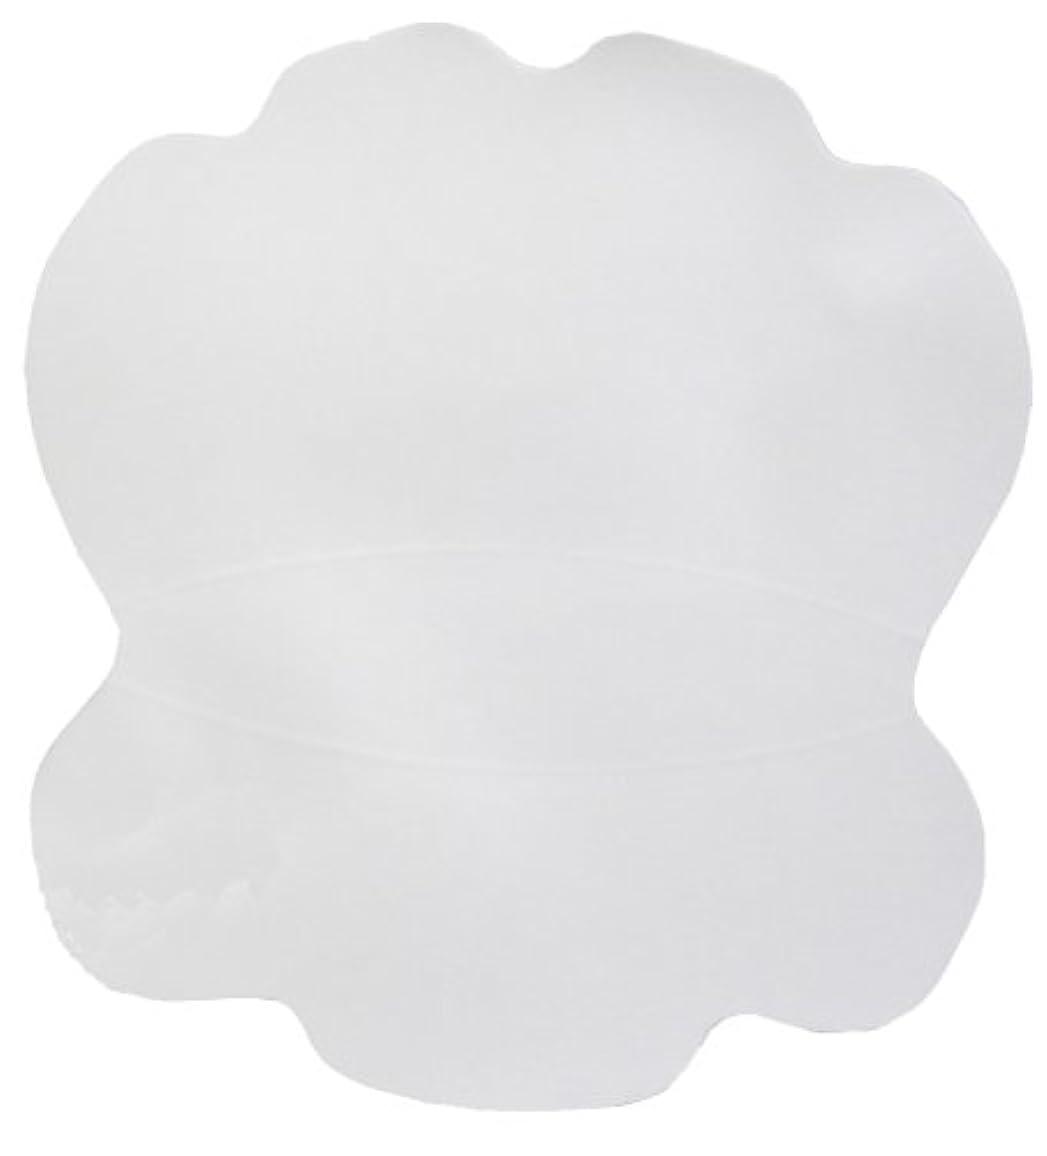 ニコチン遮るトリプルデオクロス ワキ専用シート 大判タイプ